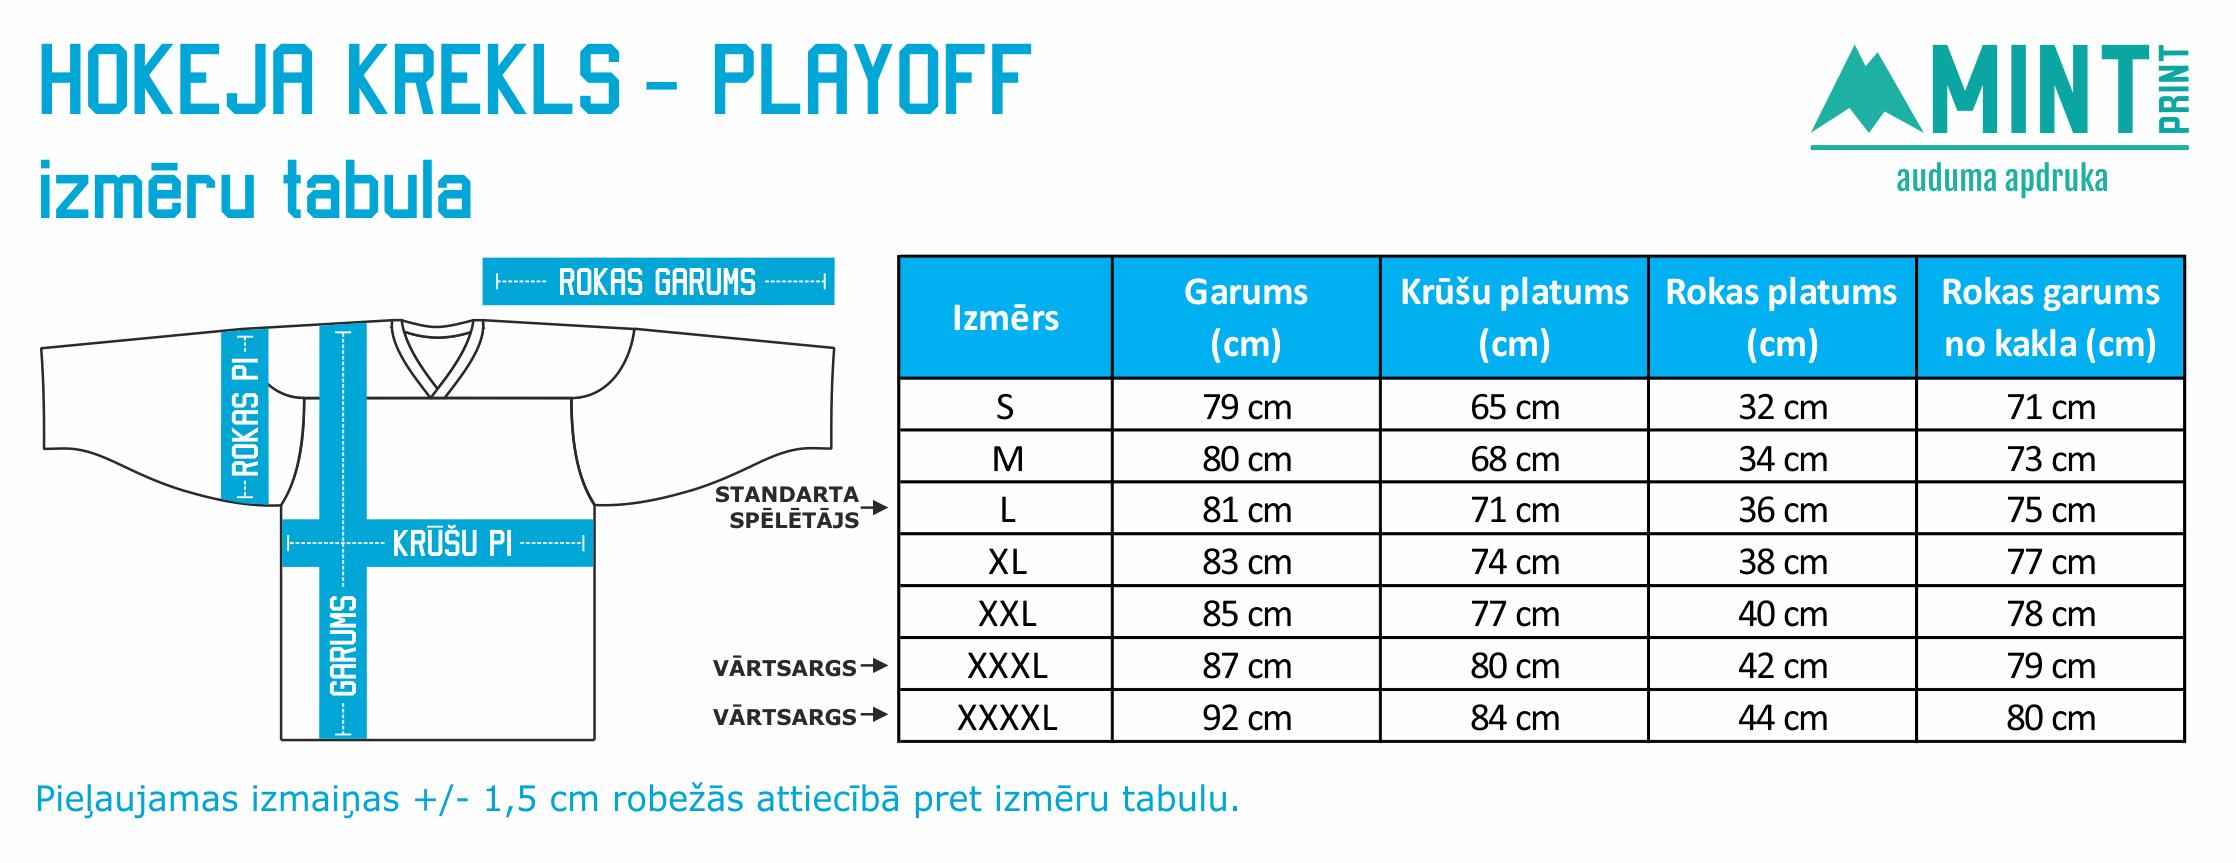 MINTprint hokeja krekla izmeru tabula playoff spelu krekls 15